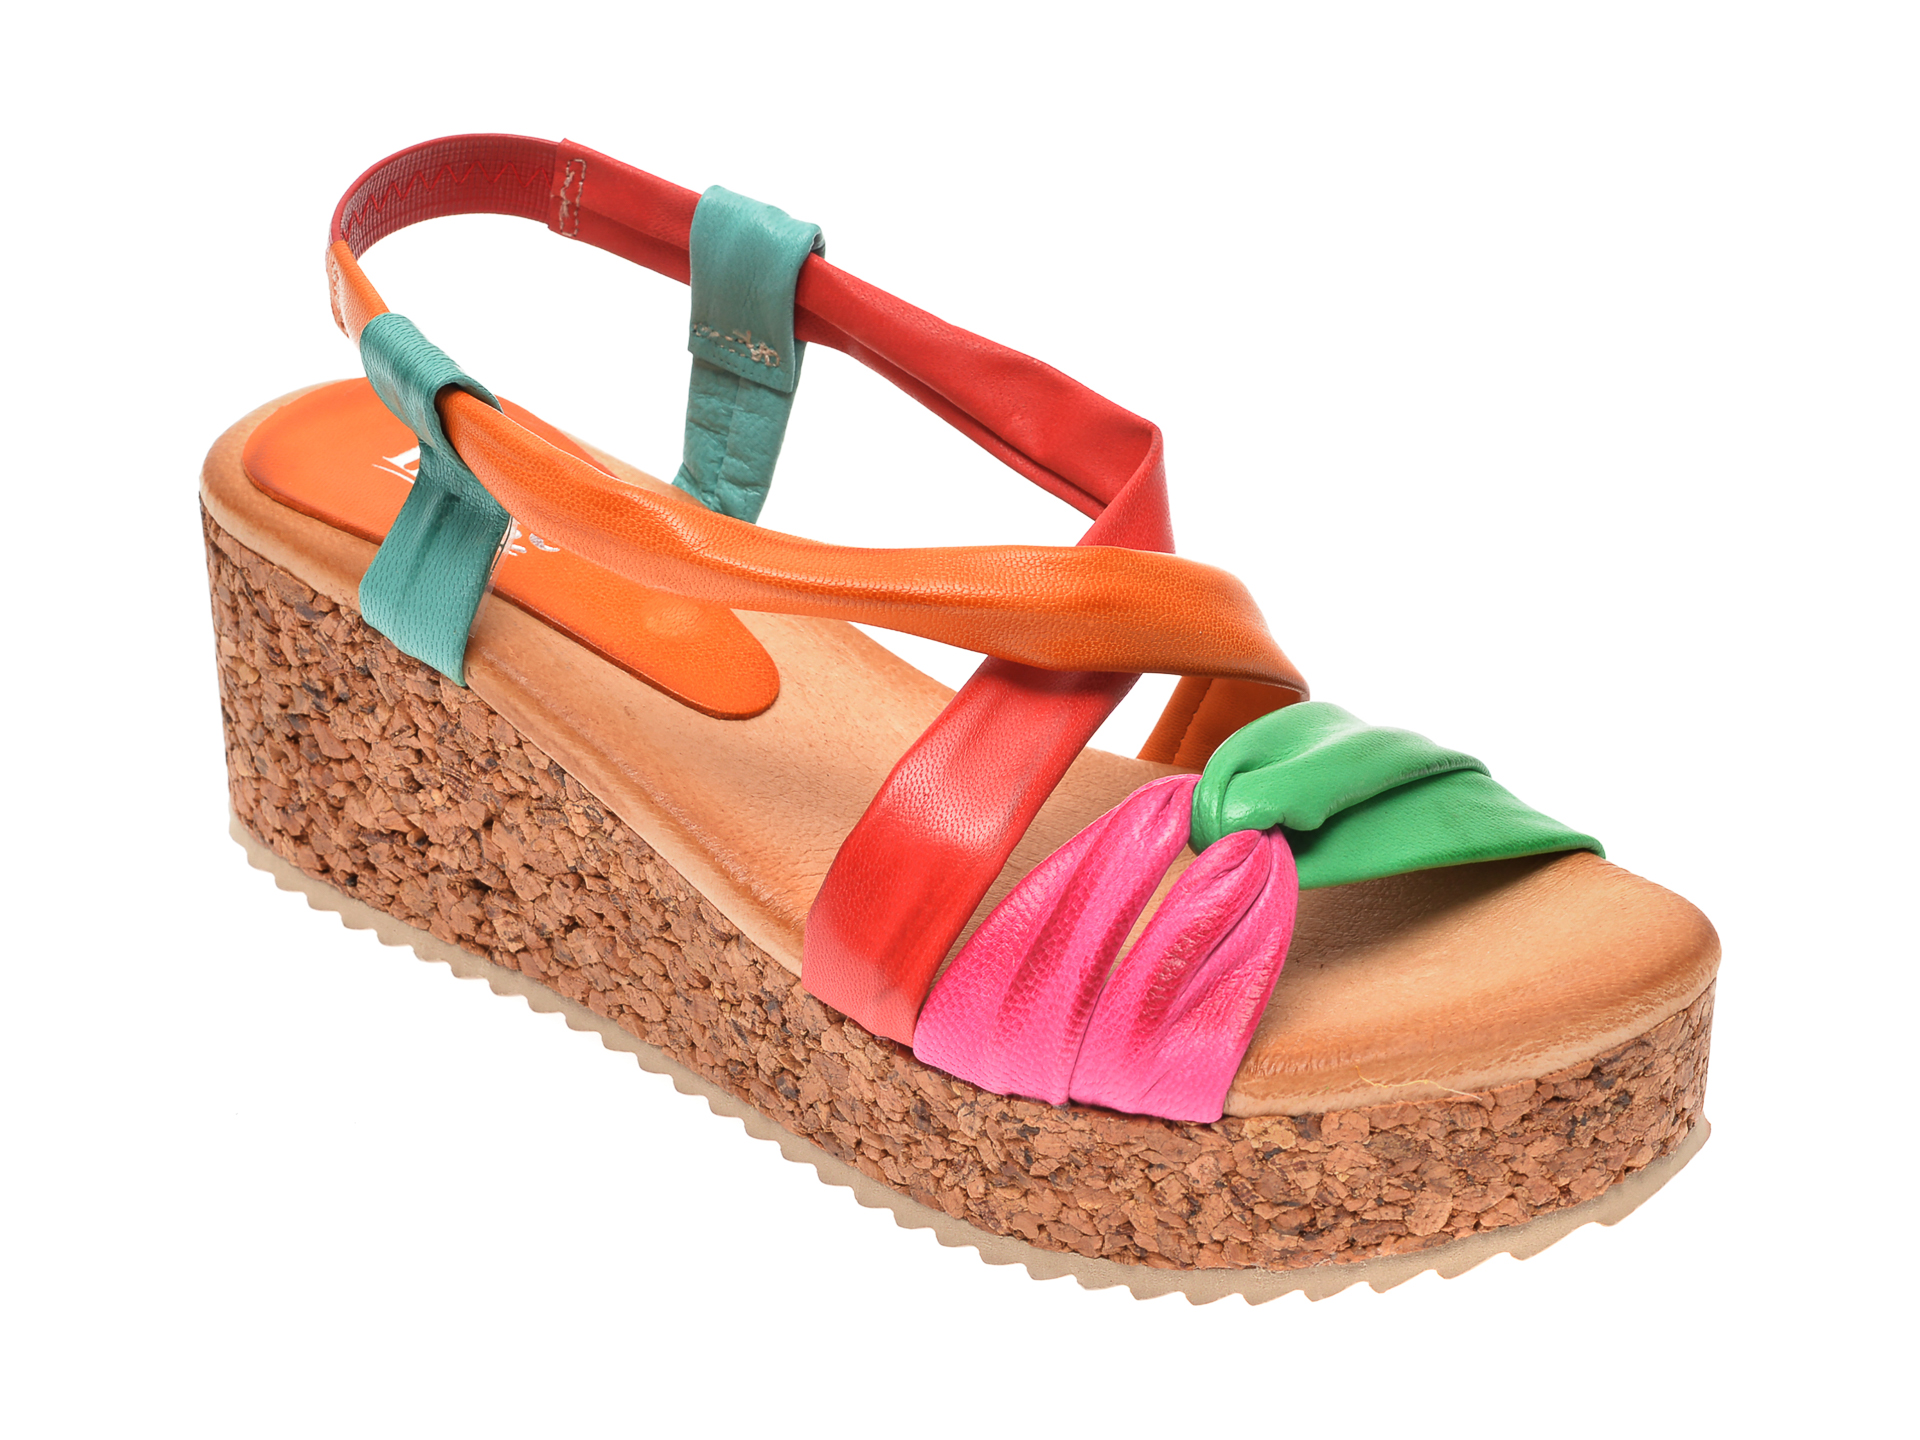 Sandale IMAGE multicolor, 1059, din piele naturala imagine